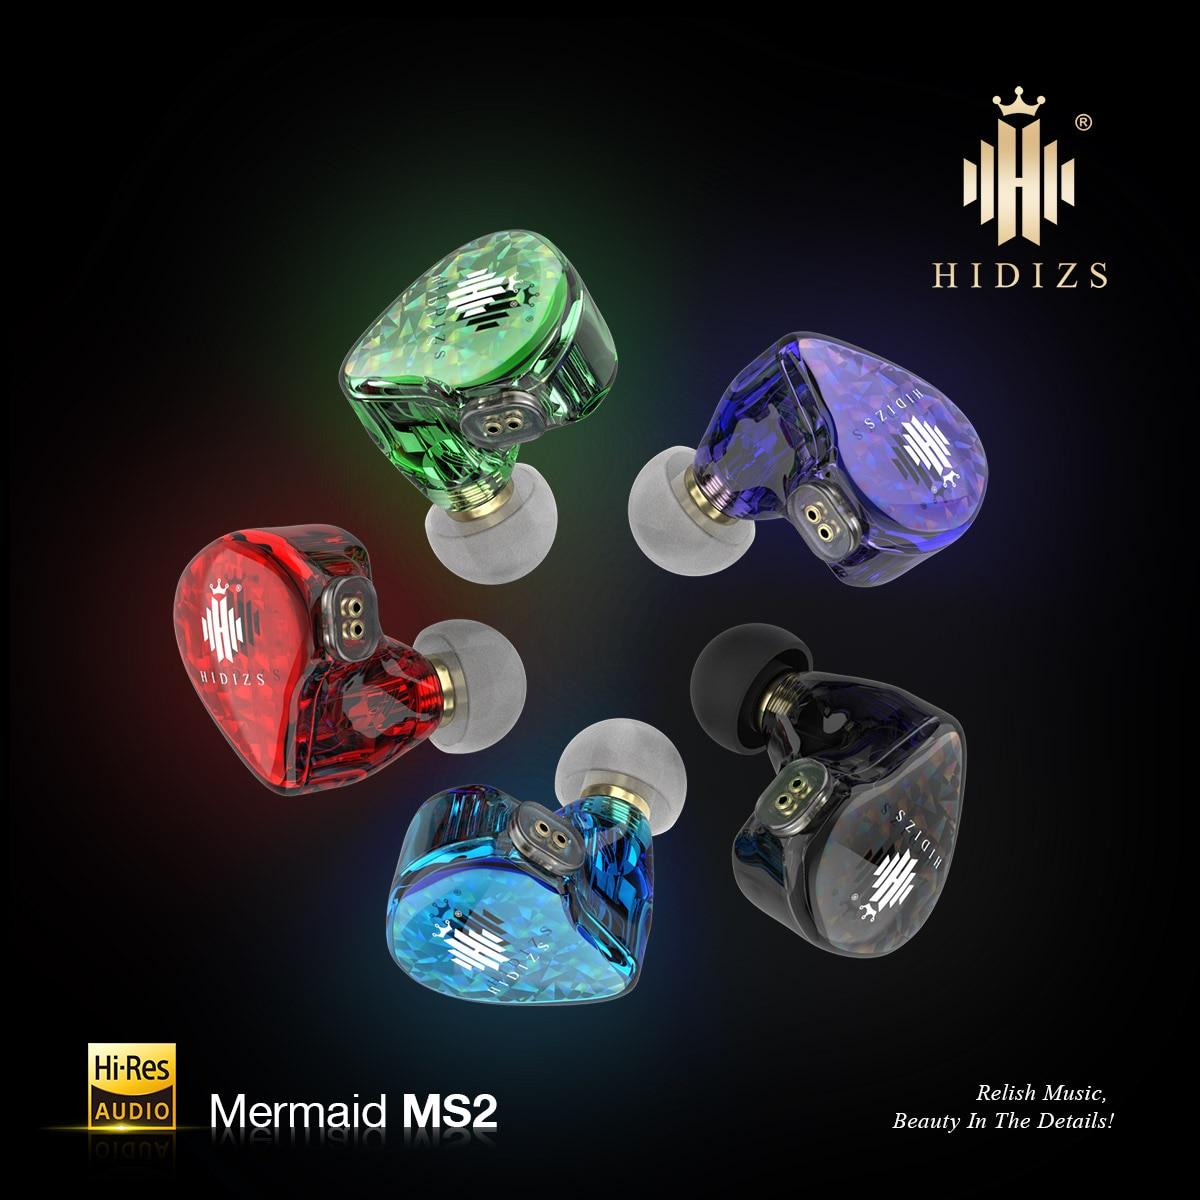 Hidizs-auriculares MS2 híbridos HiFi, controladores duales (1 Knowles BA + 1 DD),...